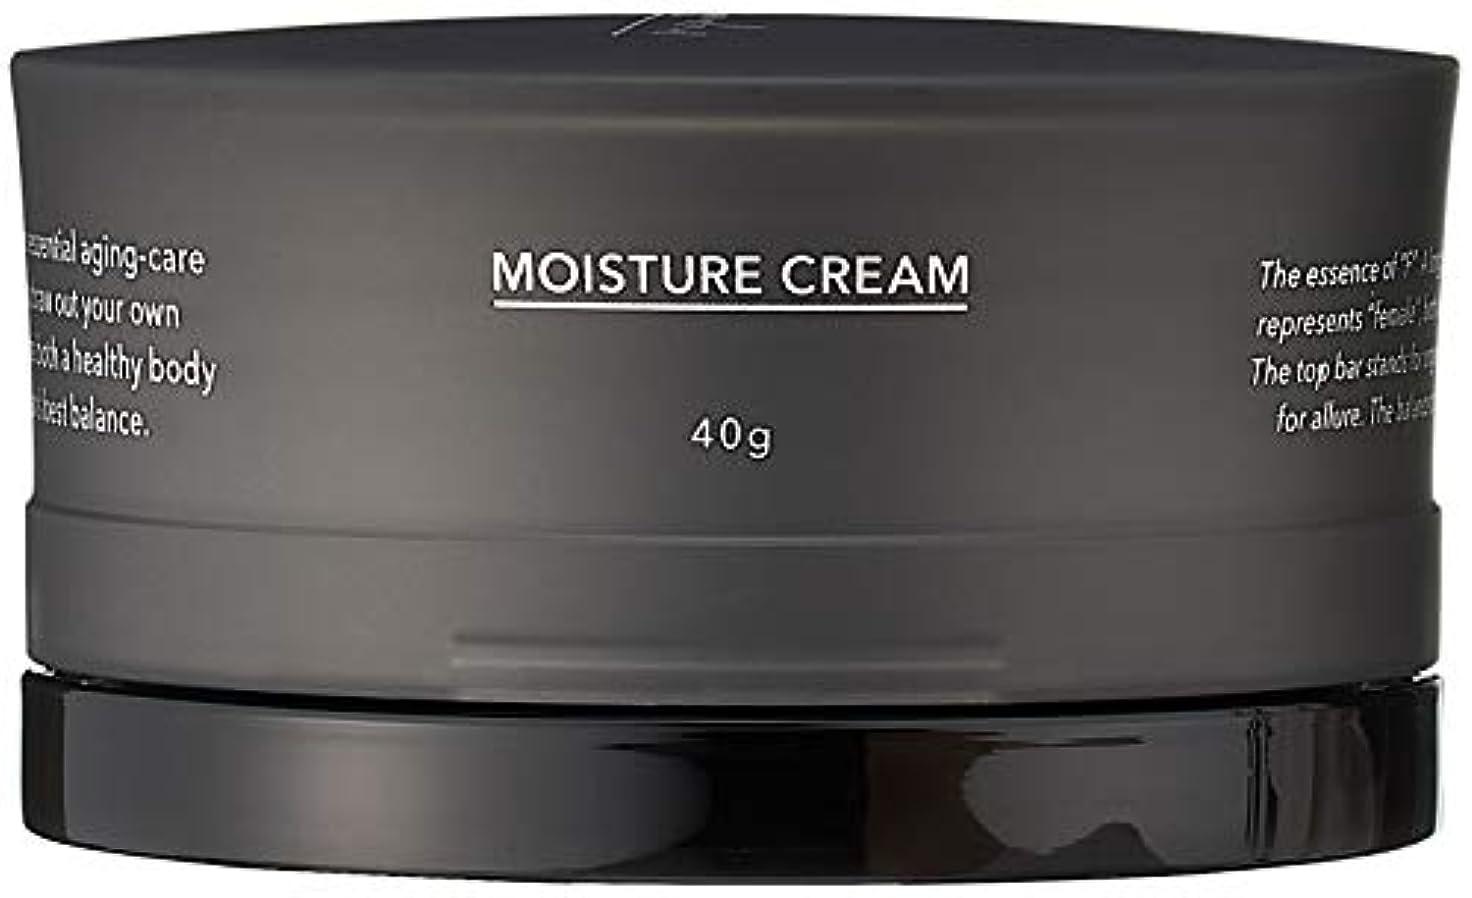 第二にルーキークラッチF organics(エッフェオーガニック) モイスチャークリーム 40g